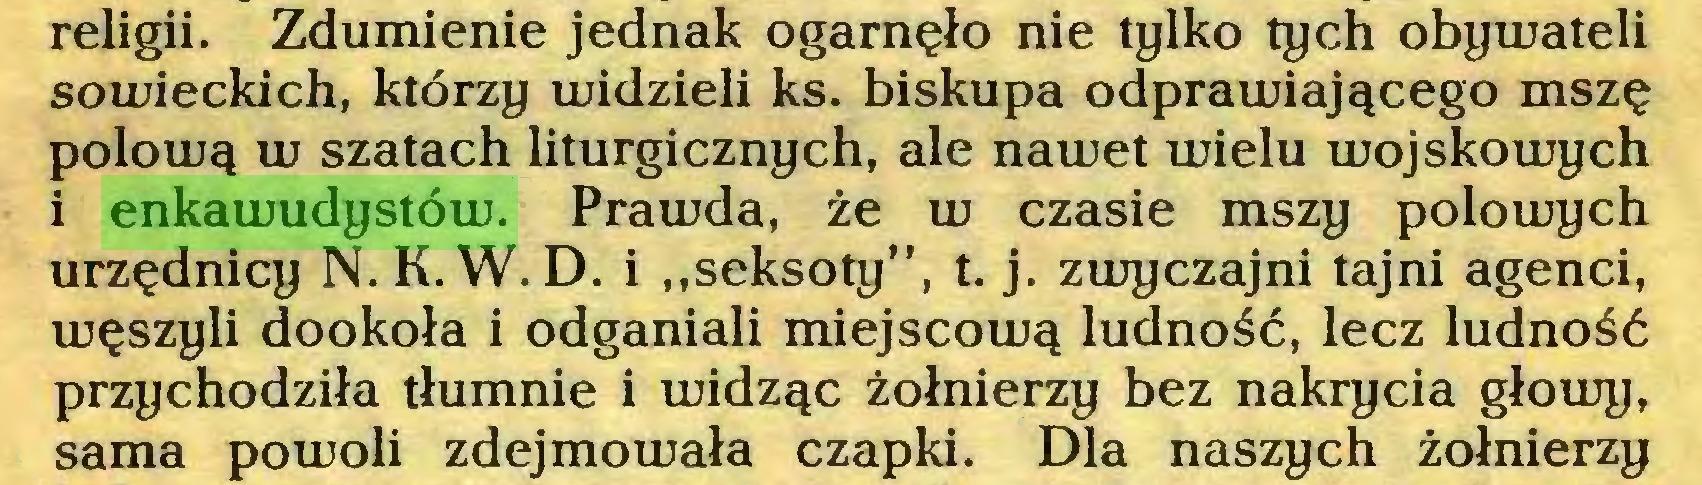 """(...) religii. Zdumienie jednak ogarnęło nie tylko tych obywateli sowieckich, którzy widzieli ks. biskupa odprawiającego mszę połową w szatach liturgicznych, ale nawet wielu wojskowych i enkawudystów. Prawda, że w czasie mszy polowych urzędnicy N. K. W. D. i """"seksoty"""", t. j. zwyczajni tajni agenci, węszyli dookoła i odganiali miejscową ludność, lecz ludność przychodziła tłumnie i widząc żołnierzy bez nakrycia głowy, sama powoli zdejmowała czapki. Dla naszych żołnierzy..."""